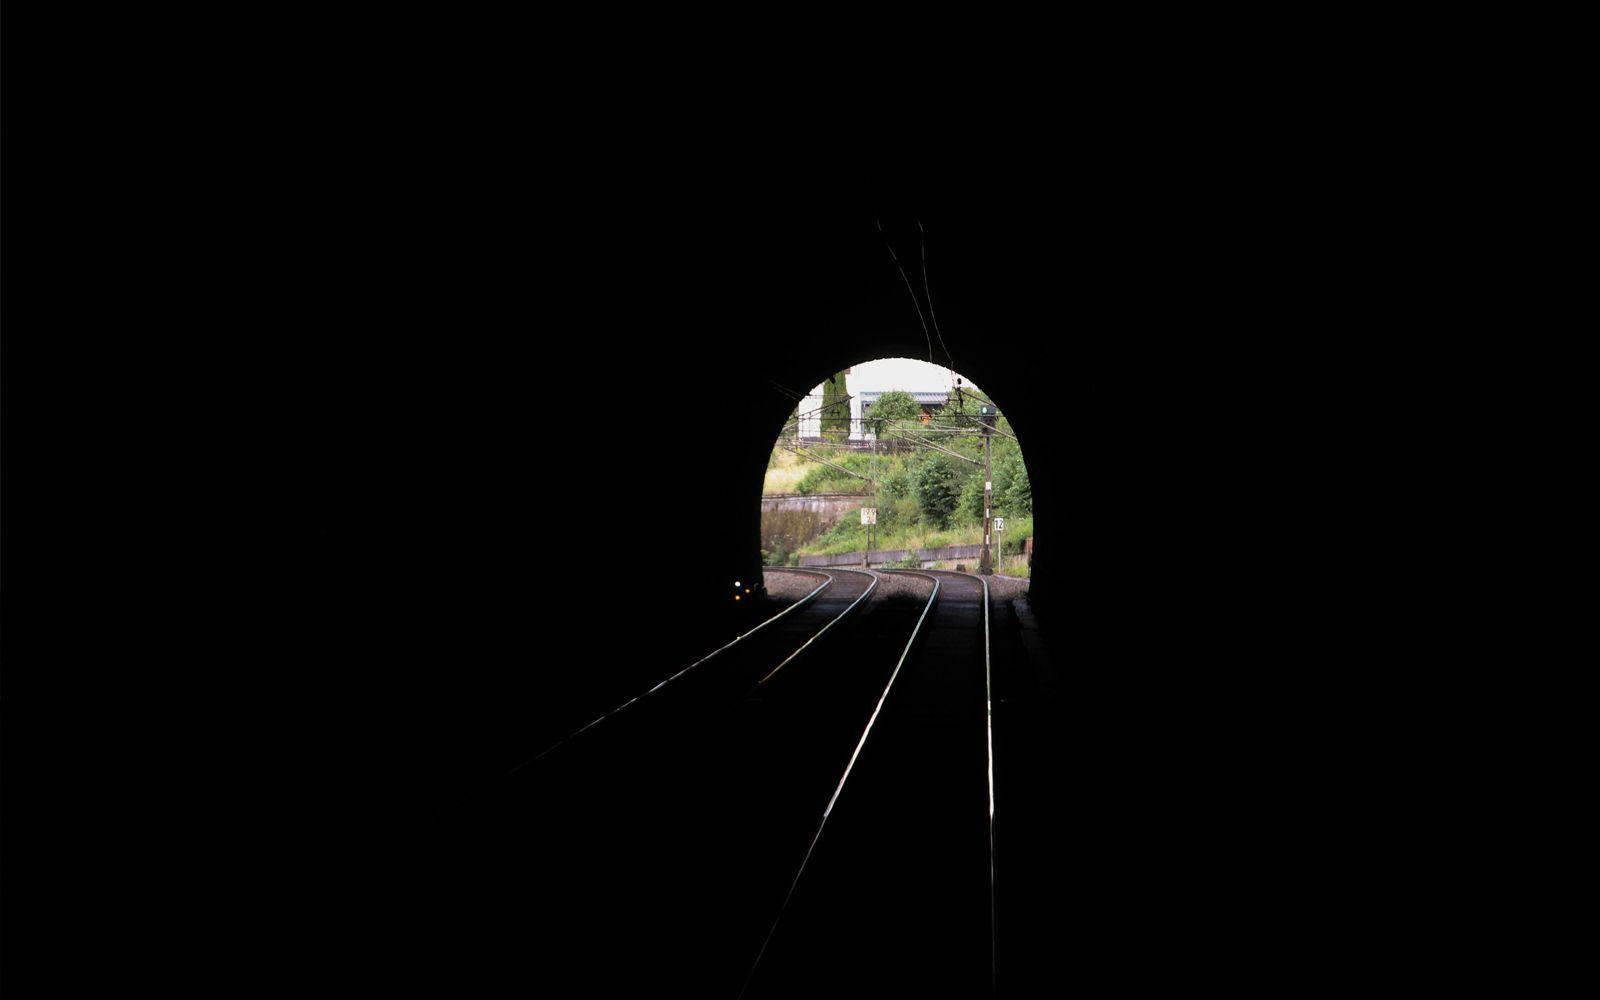 ©Foto: Denis Herwig | railmen | Lokführer im Dienst für InfraLeuna | Blick aus dem Hönebachtunnel bei Wildeck-Hönebach